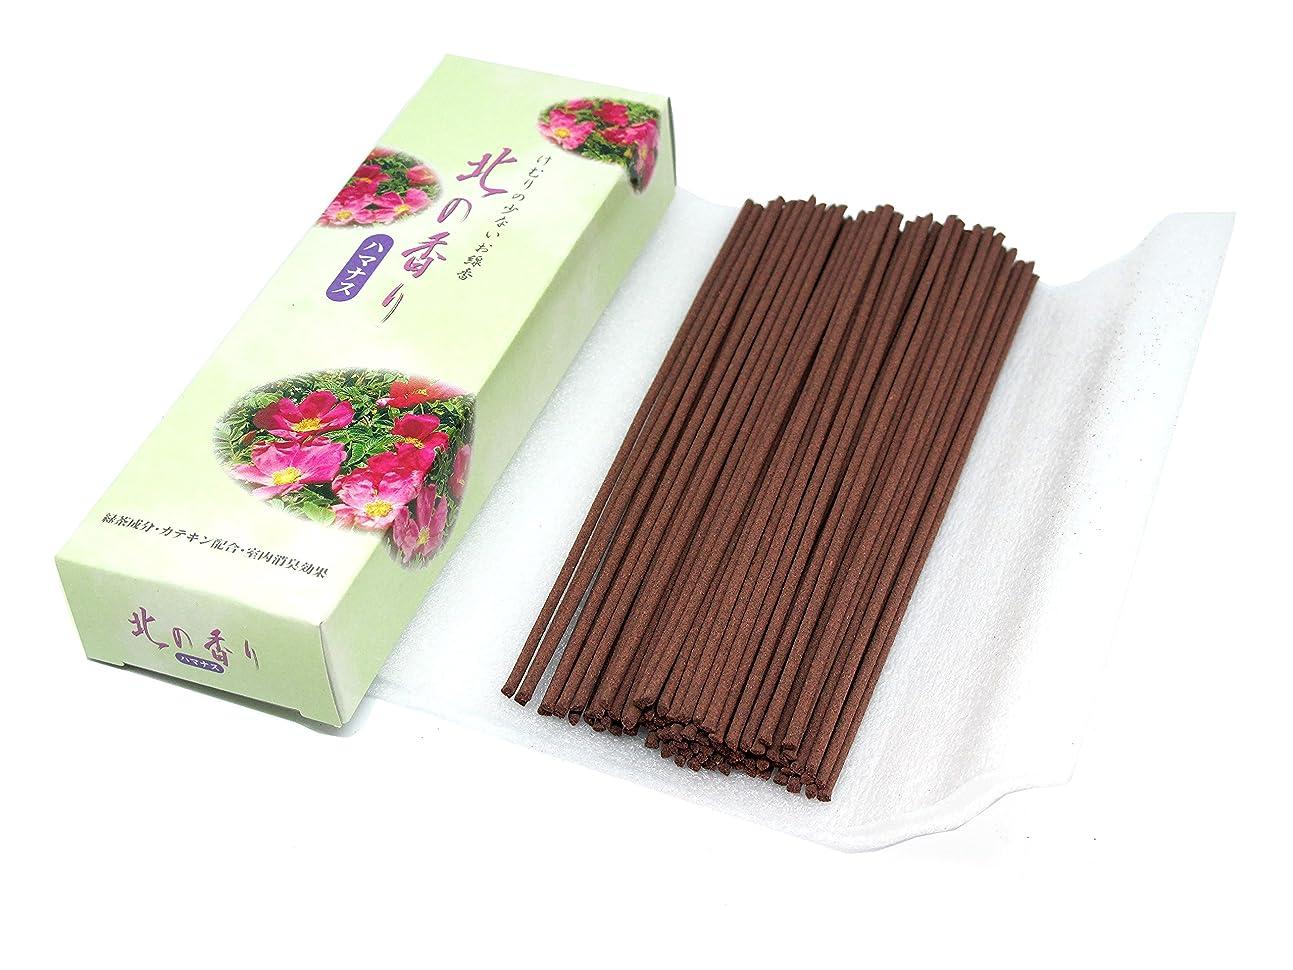 山岳十分なヘビーSeikado Japanese Incense Sticks Kita No Kaori Hamanasu (ビーチローズ)スモールパック?–?5.5インチ80?Sticks?–?Green Tea Deodorizer?–?Less煙タイプ?–?日本製